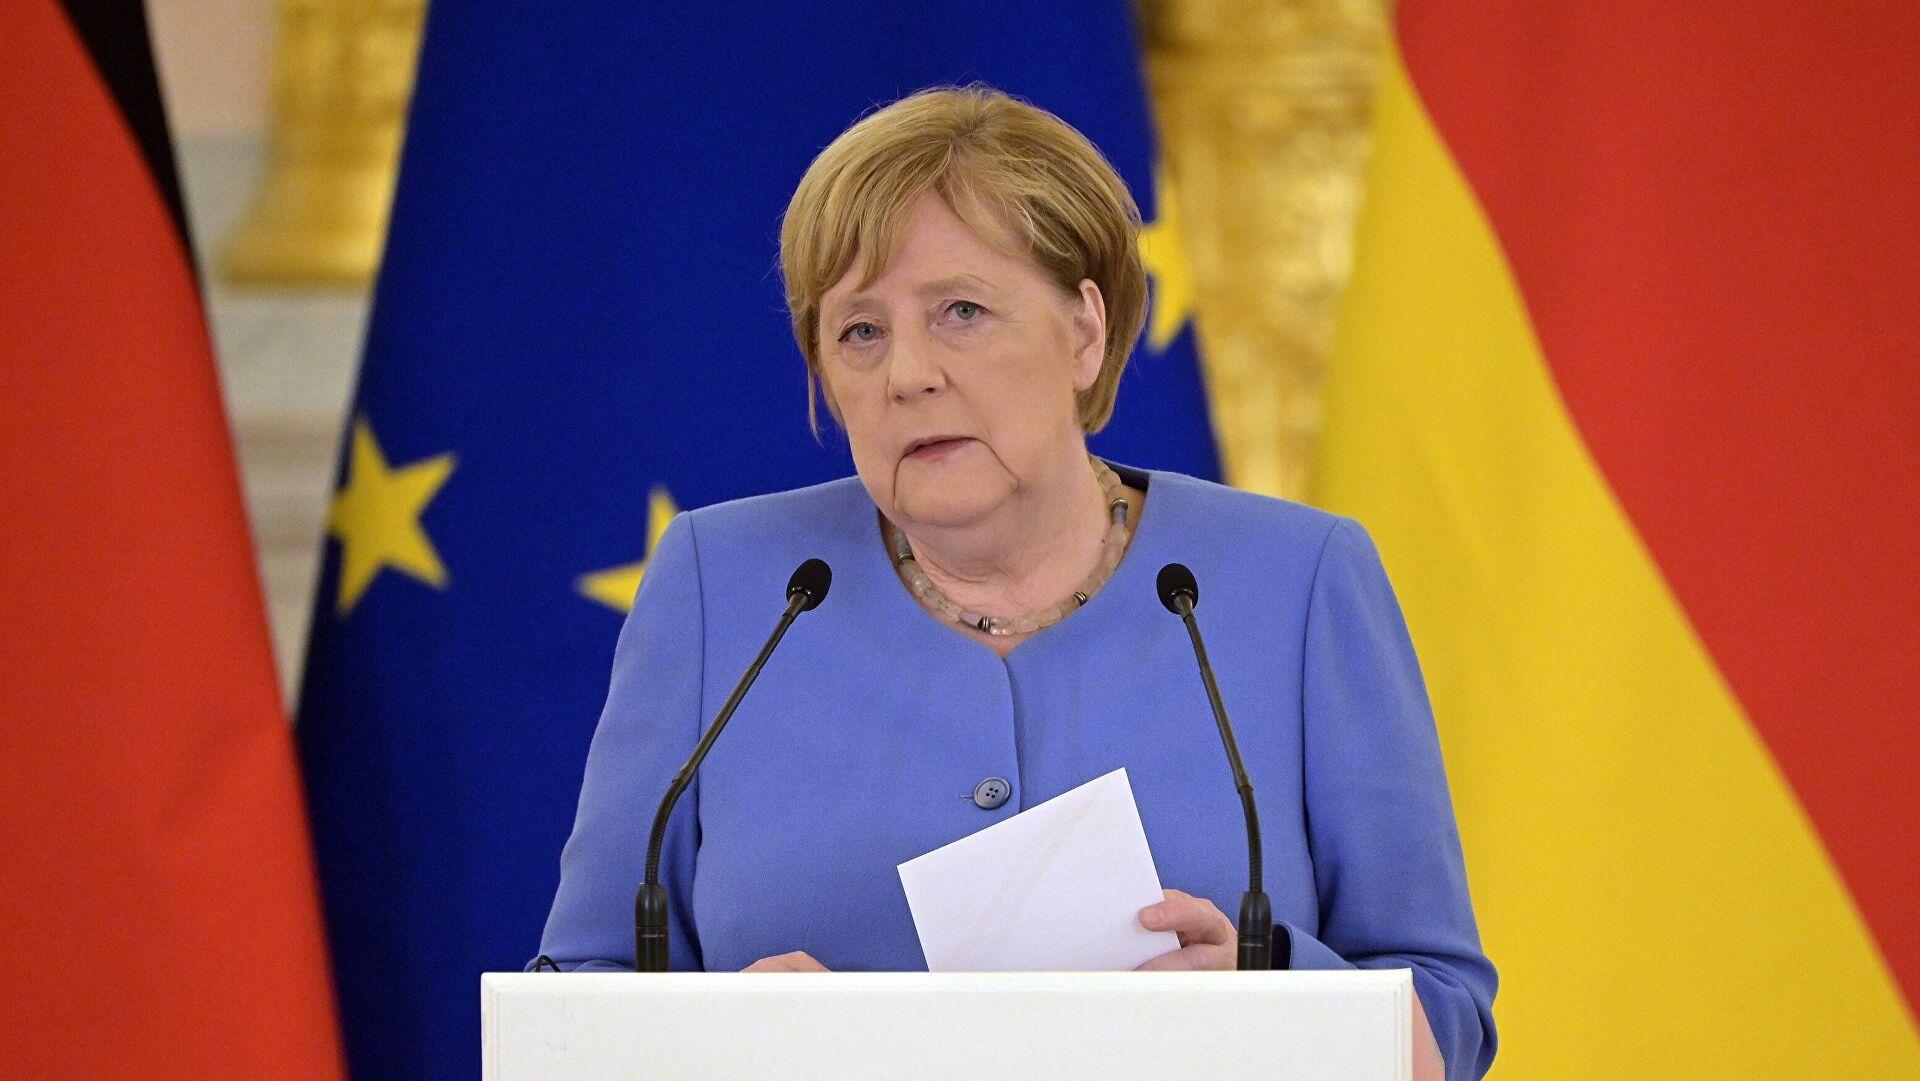 Меркелова сматра да Европа не наручује довољно гаса из Русије